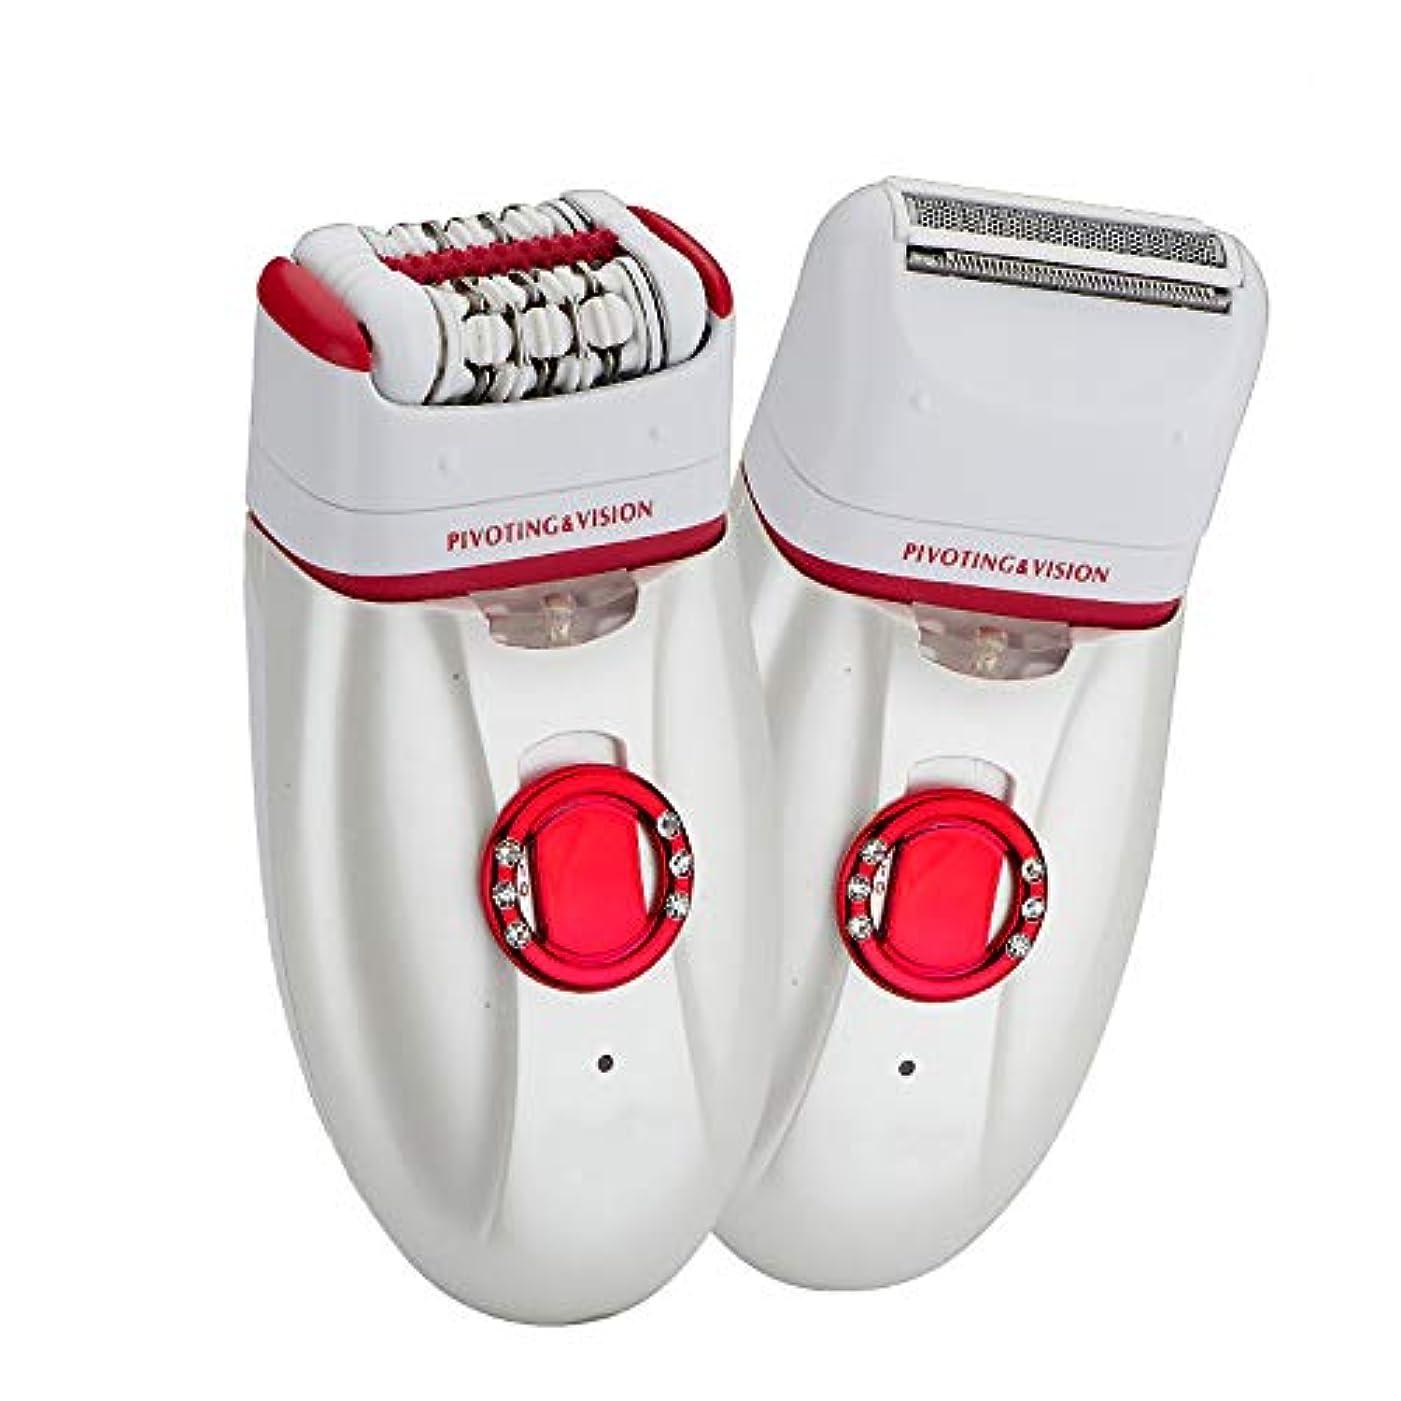 理由引くボウリング2-in-1メス電動除毛器、充電式カミソリ、2スピード調整、LEDライト付き、全身部分に使用可能